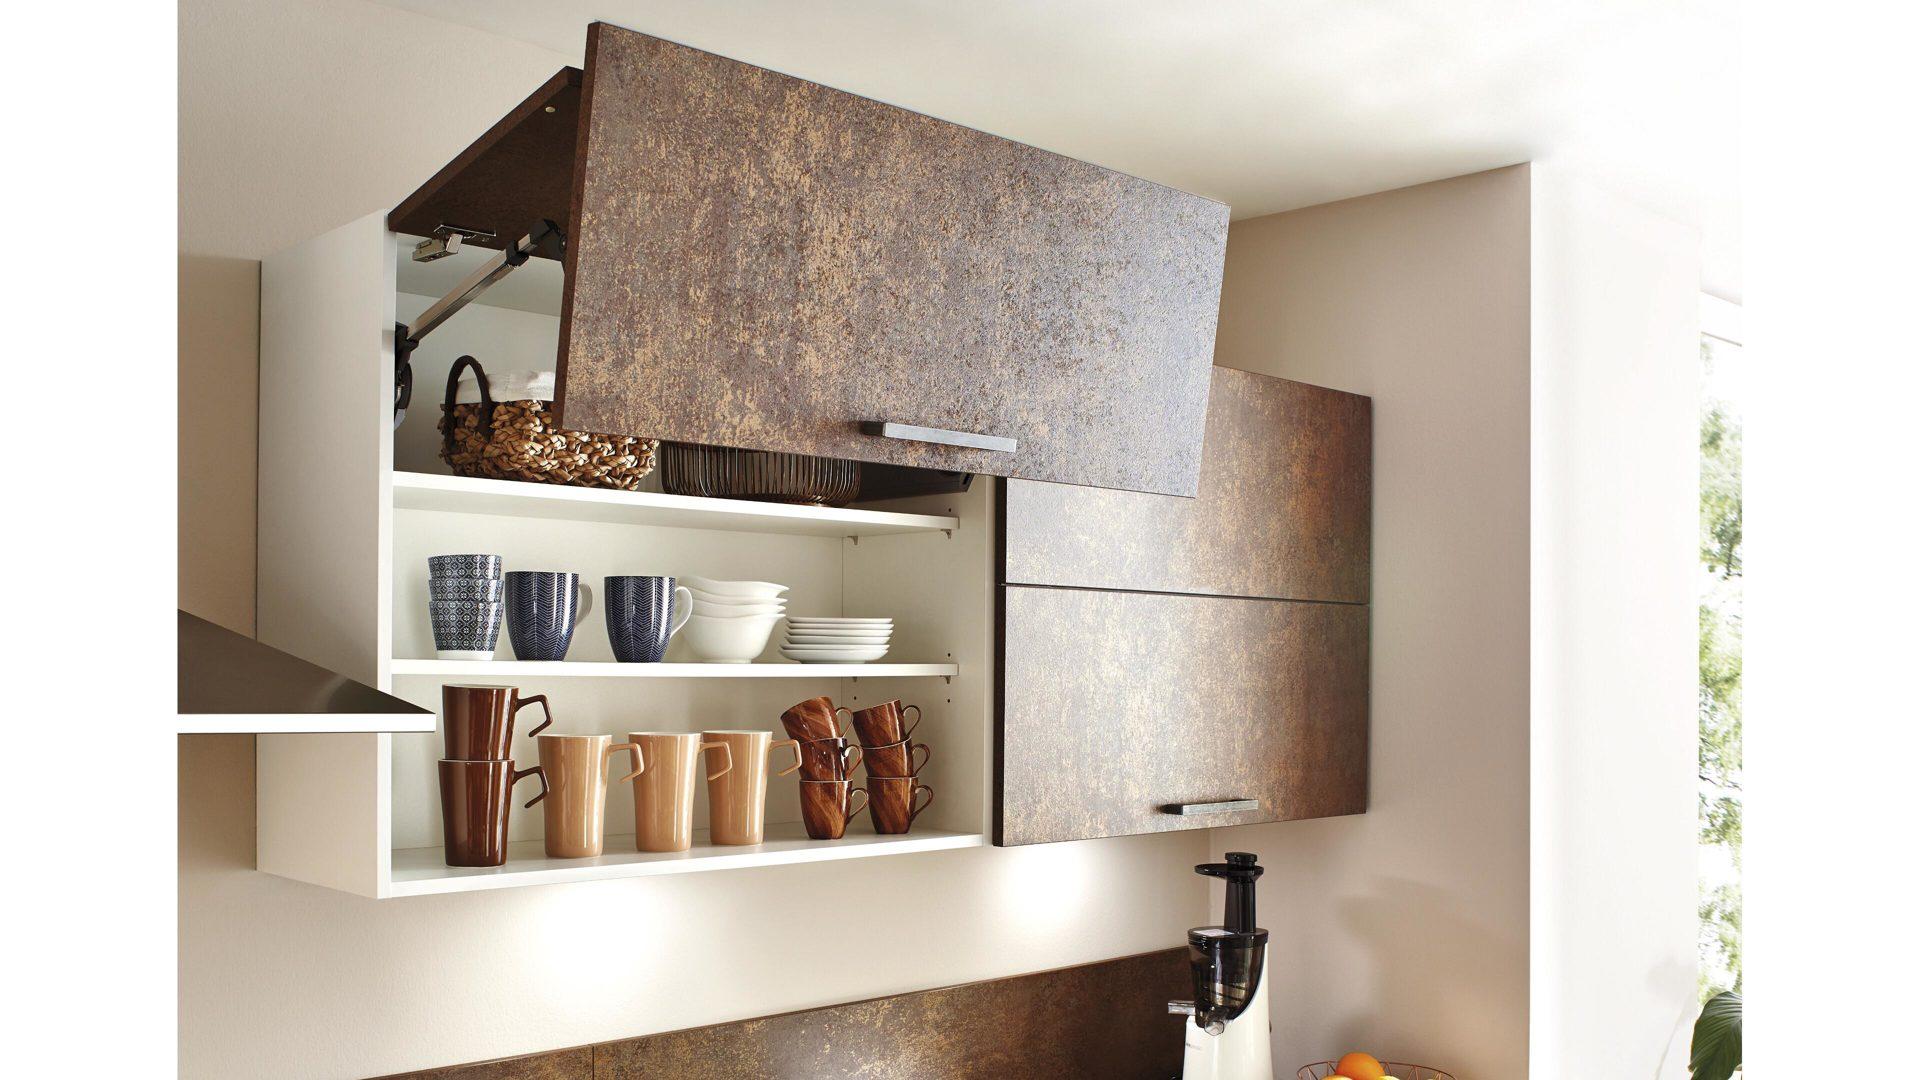 Gorenje Kühlschrank Beige : Möbel eilers apen einbauküche mit gorenje elektrogeräten wie